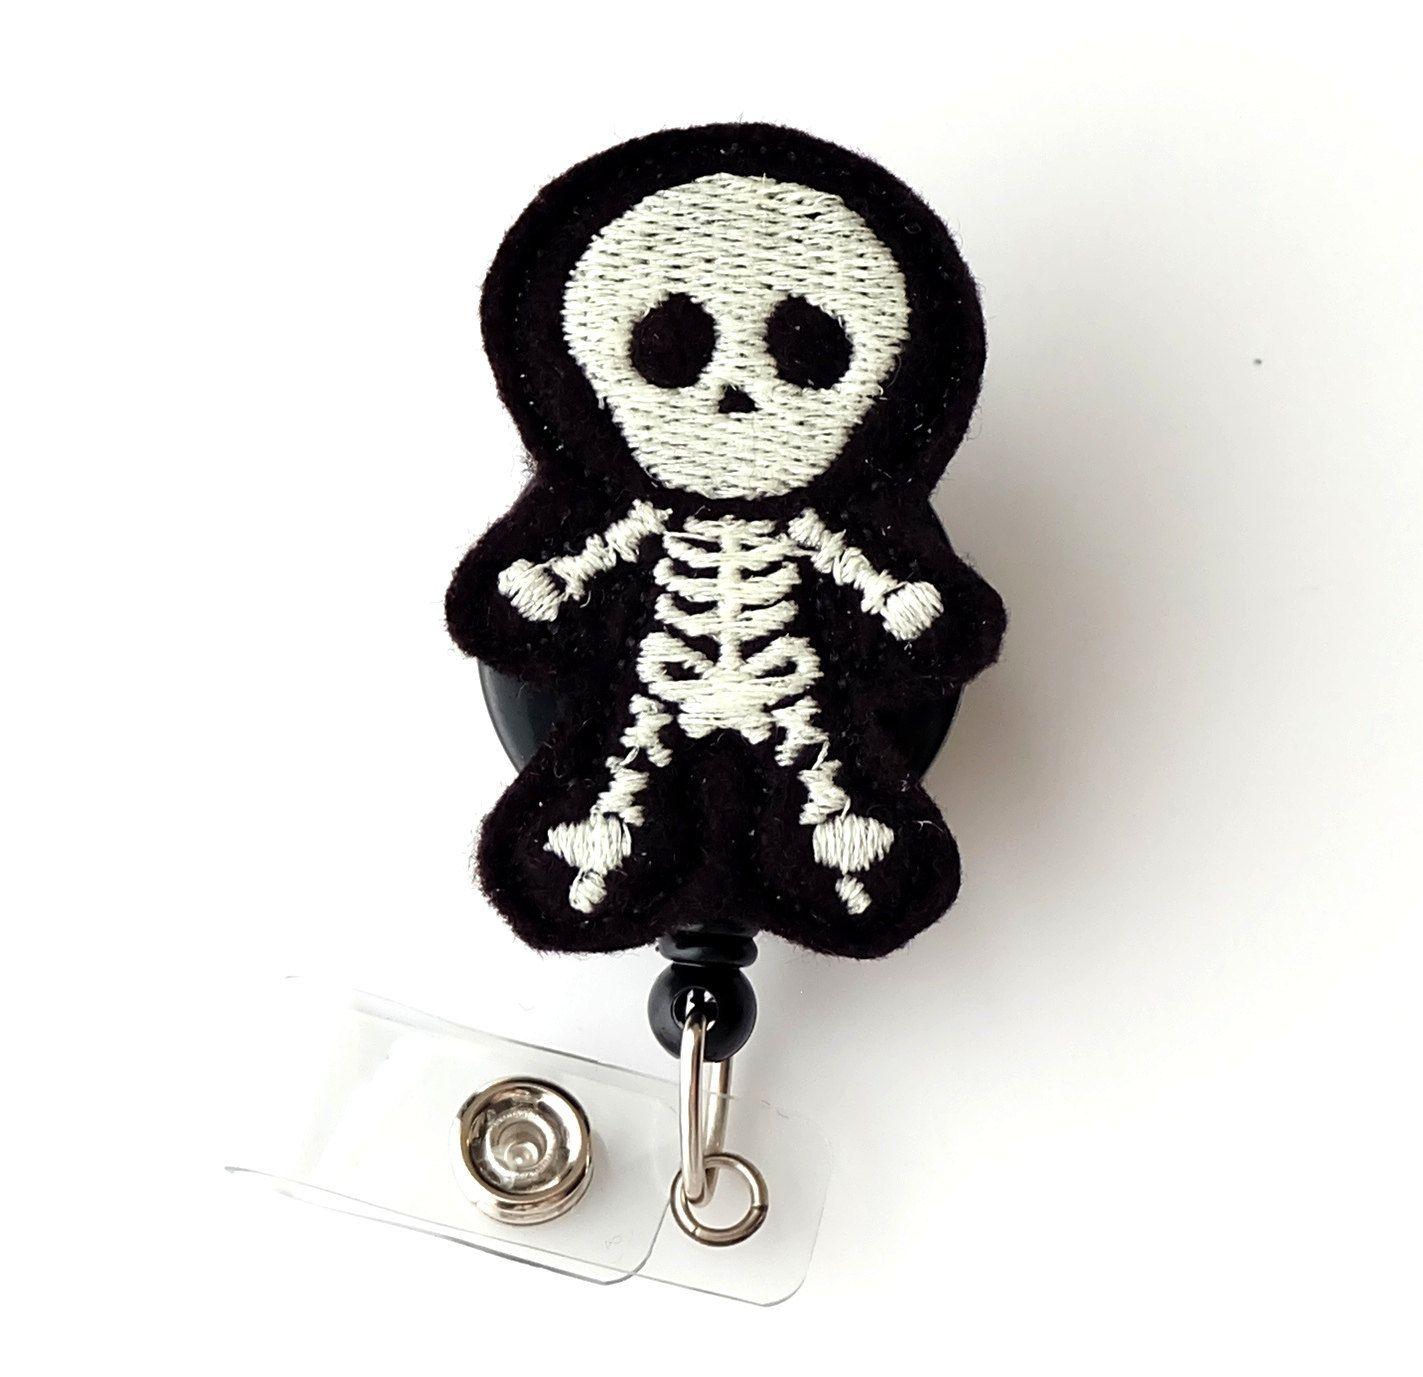 Skully Skeleton Glow In The Dark Badge Cute Badge by